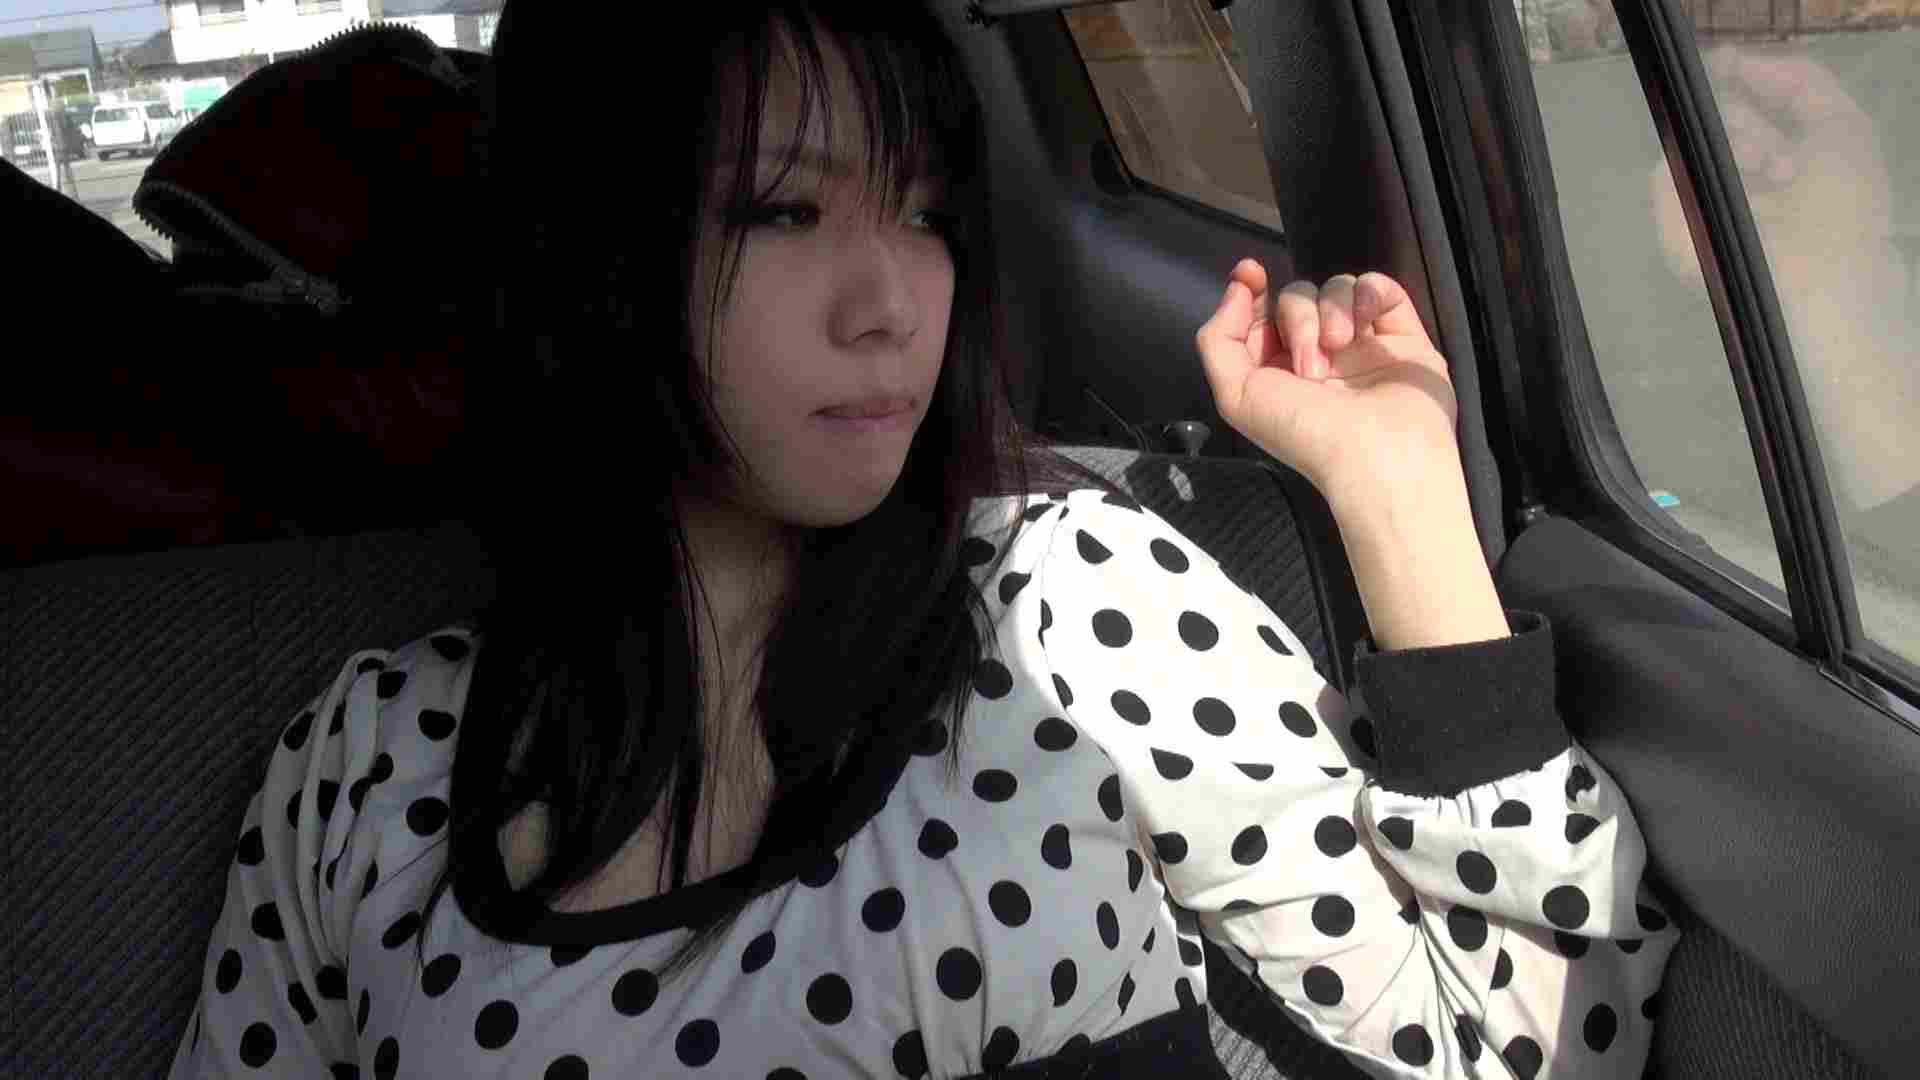 とり合えず志穂さんにローター使わせてみました。 ローター | ドキュメント  110pic 39